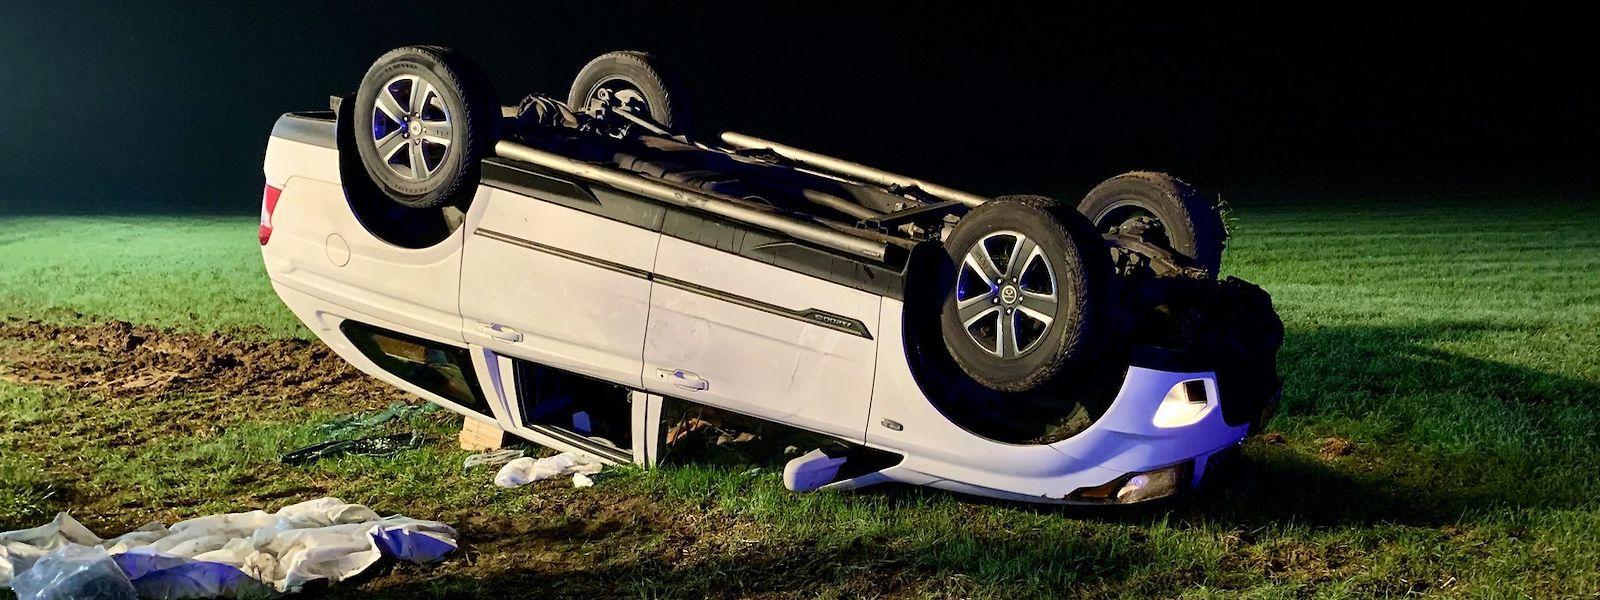 Gegen 22.30 Uhr überschlug sich ein Auto in Schouweiler, eine Person musste medizinisch betreut werden.